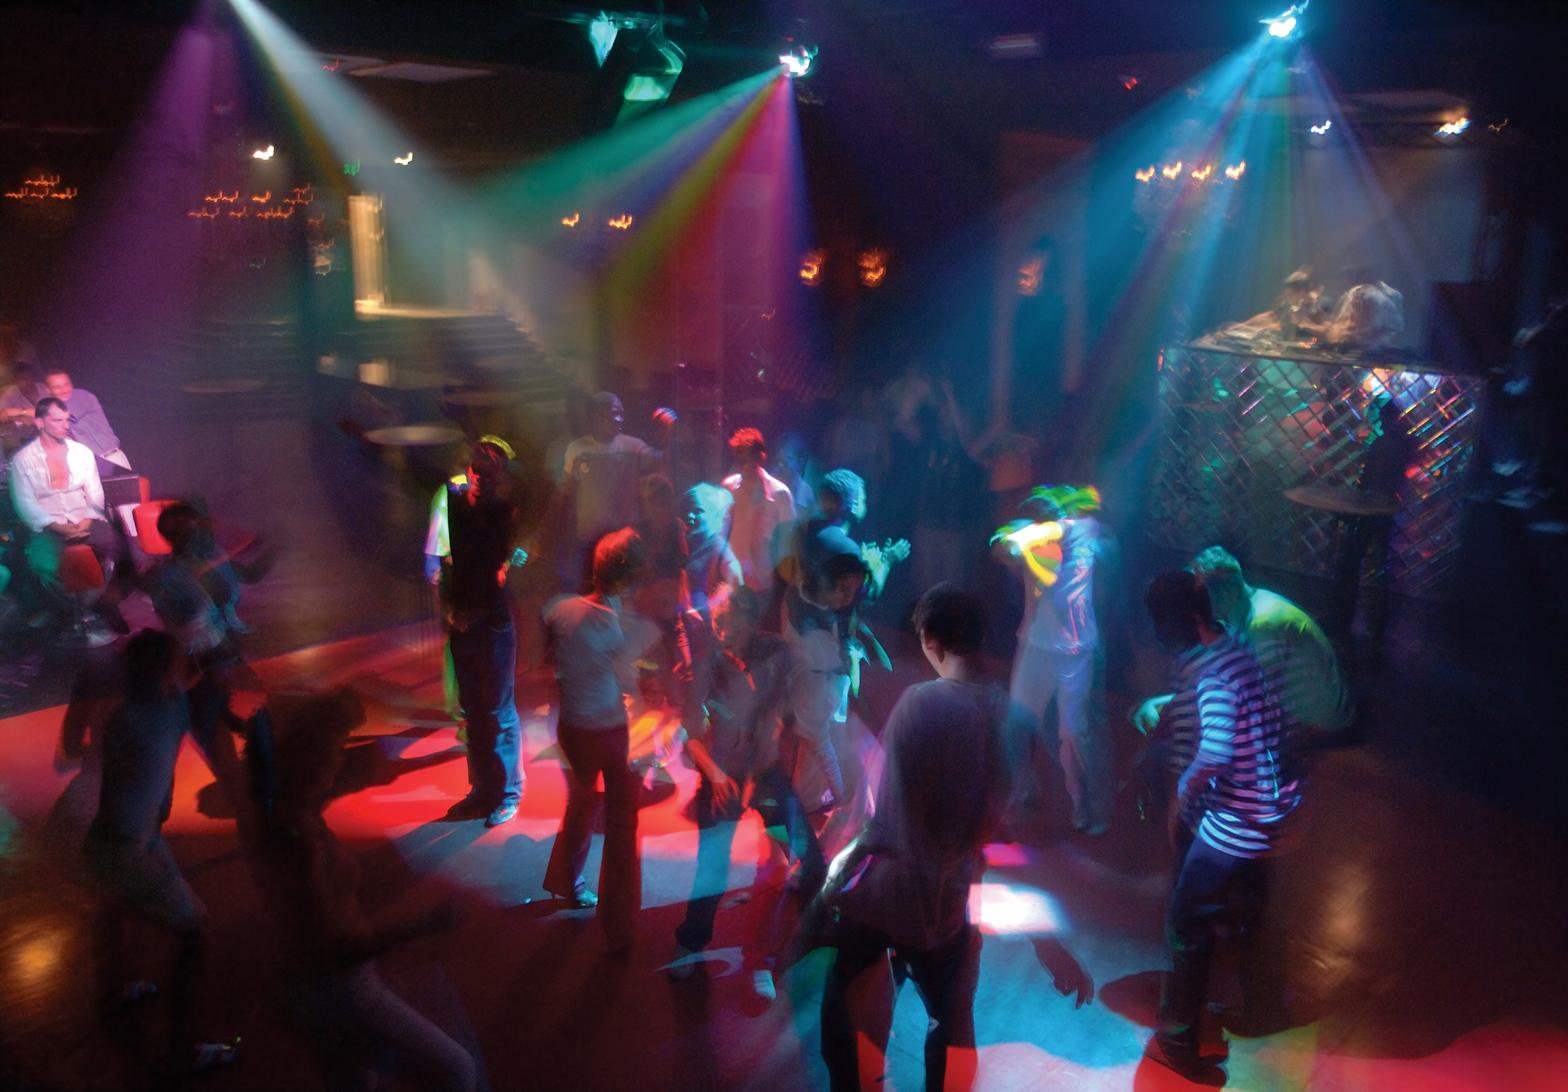 Смотреть конкурс на дискотеке 11 фотография